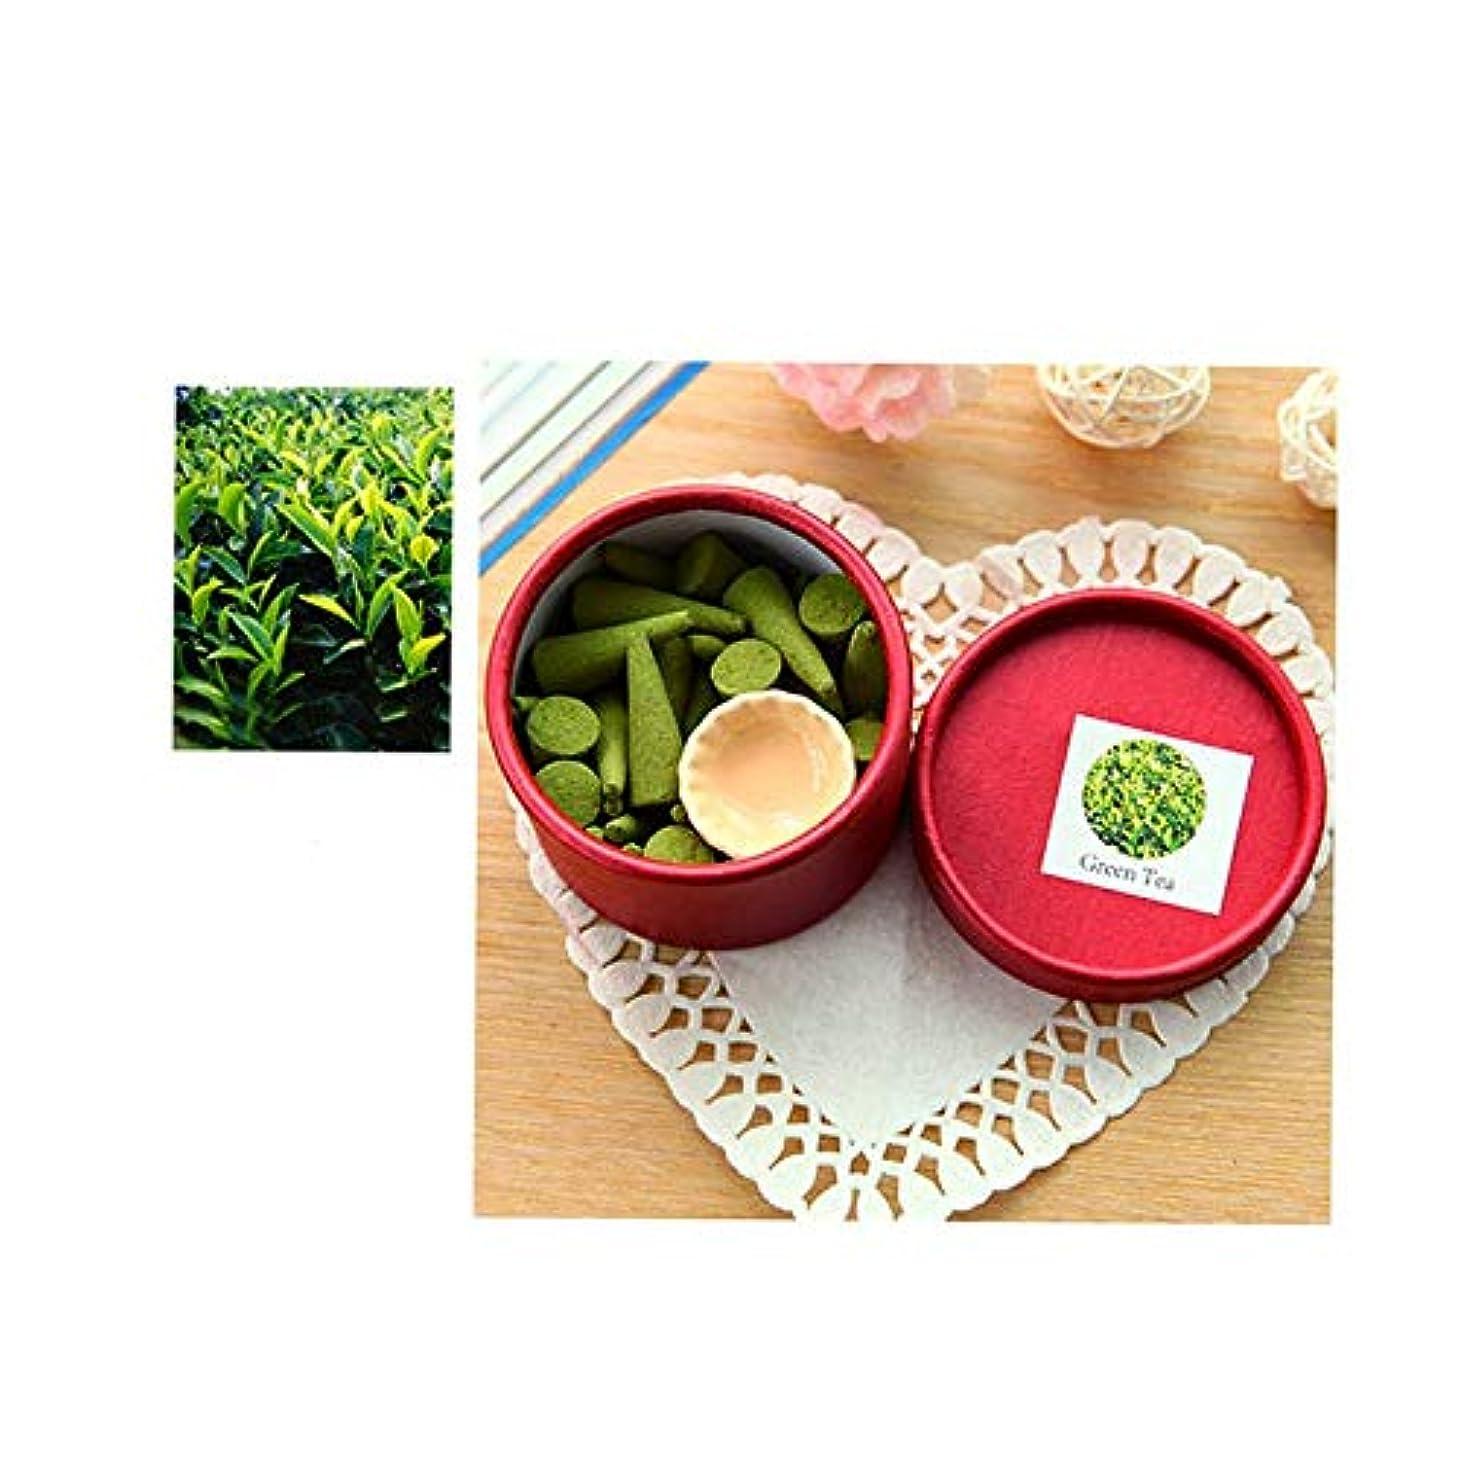 失業送料世辞普段使いのコーン型パゴダ香茶アロマ家庭用品日常用品ファミリー身近な品